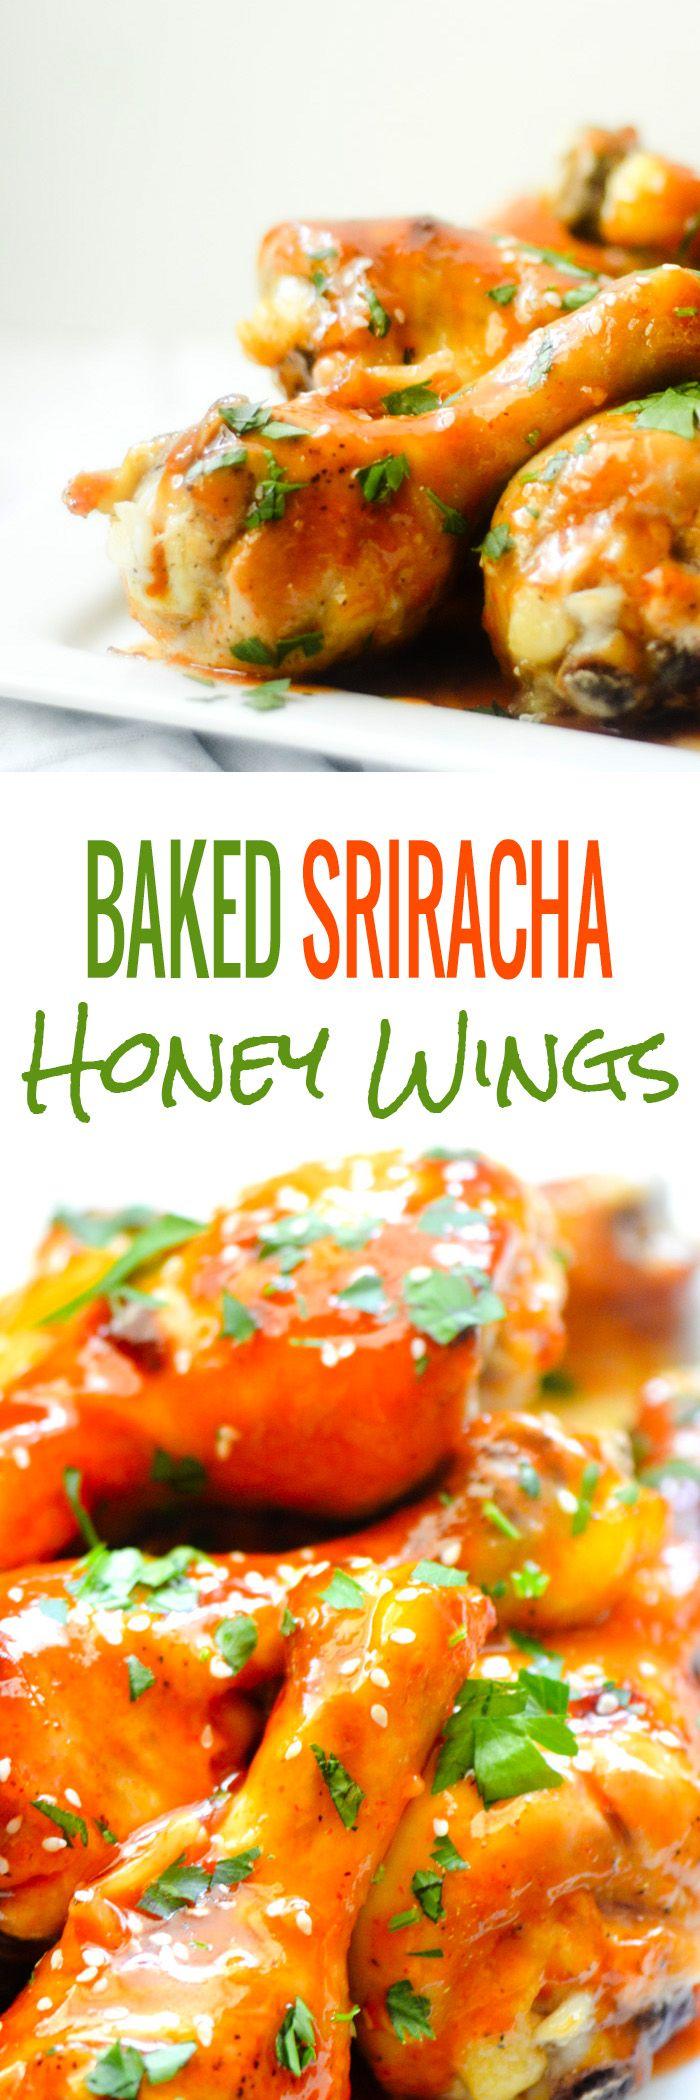 Baked Sriracha Honey Wings/Drum Sticks - Recipe Diaries #chicken #sriracha